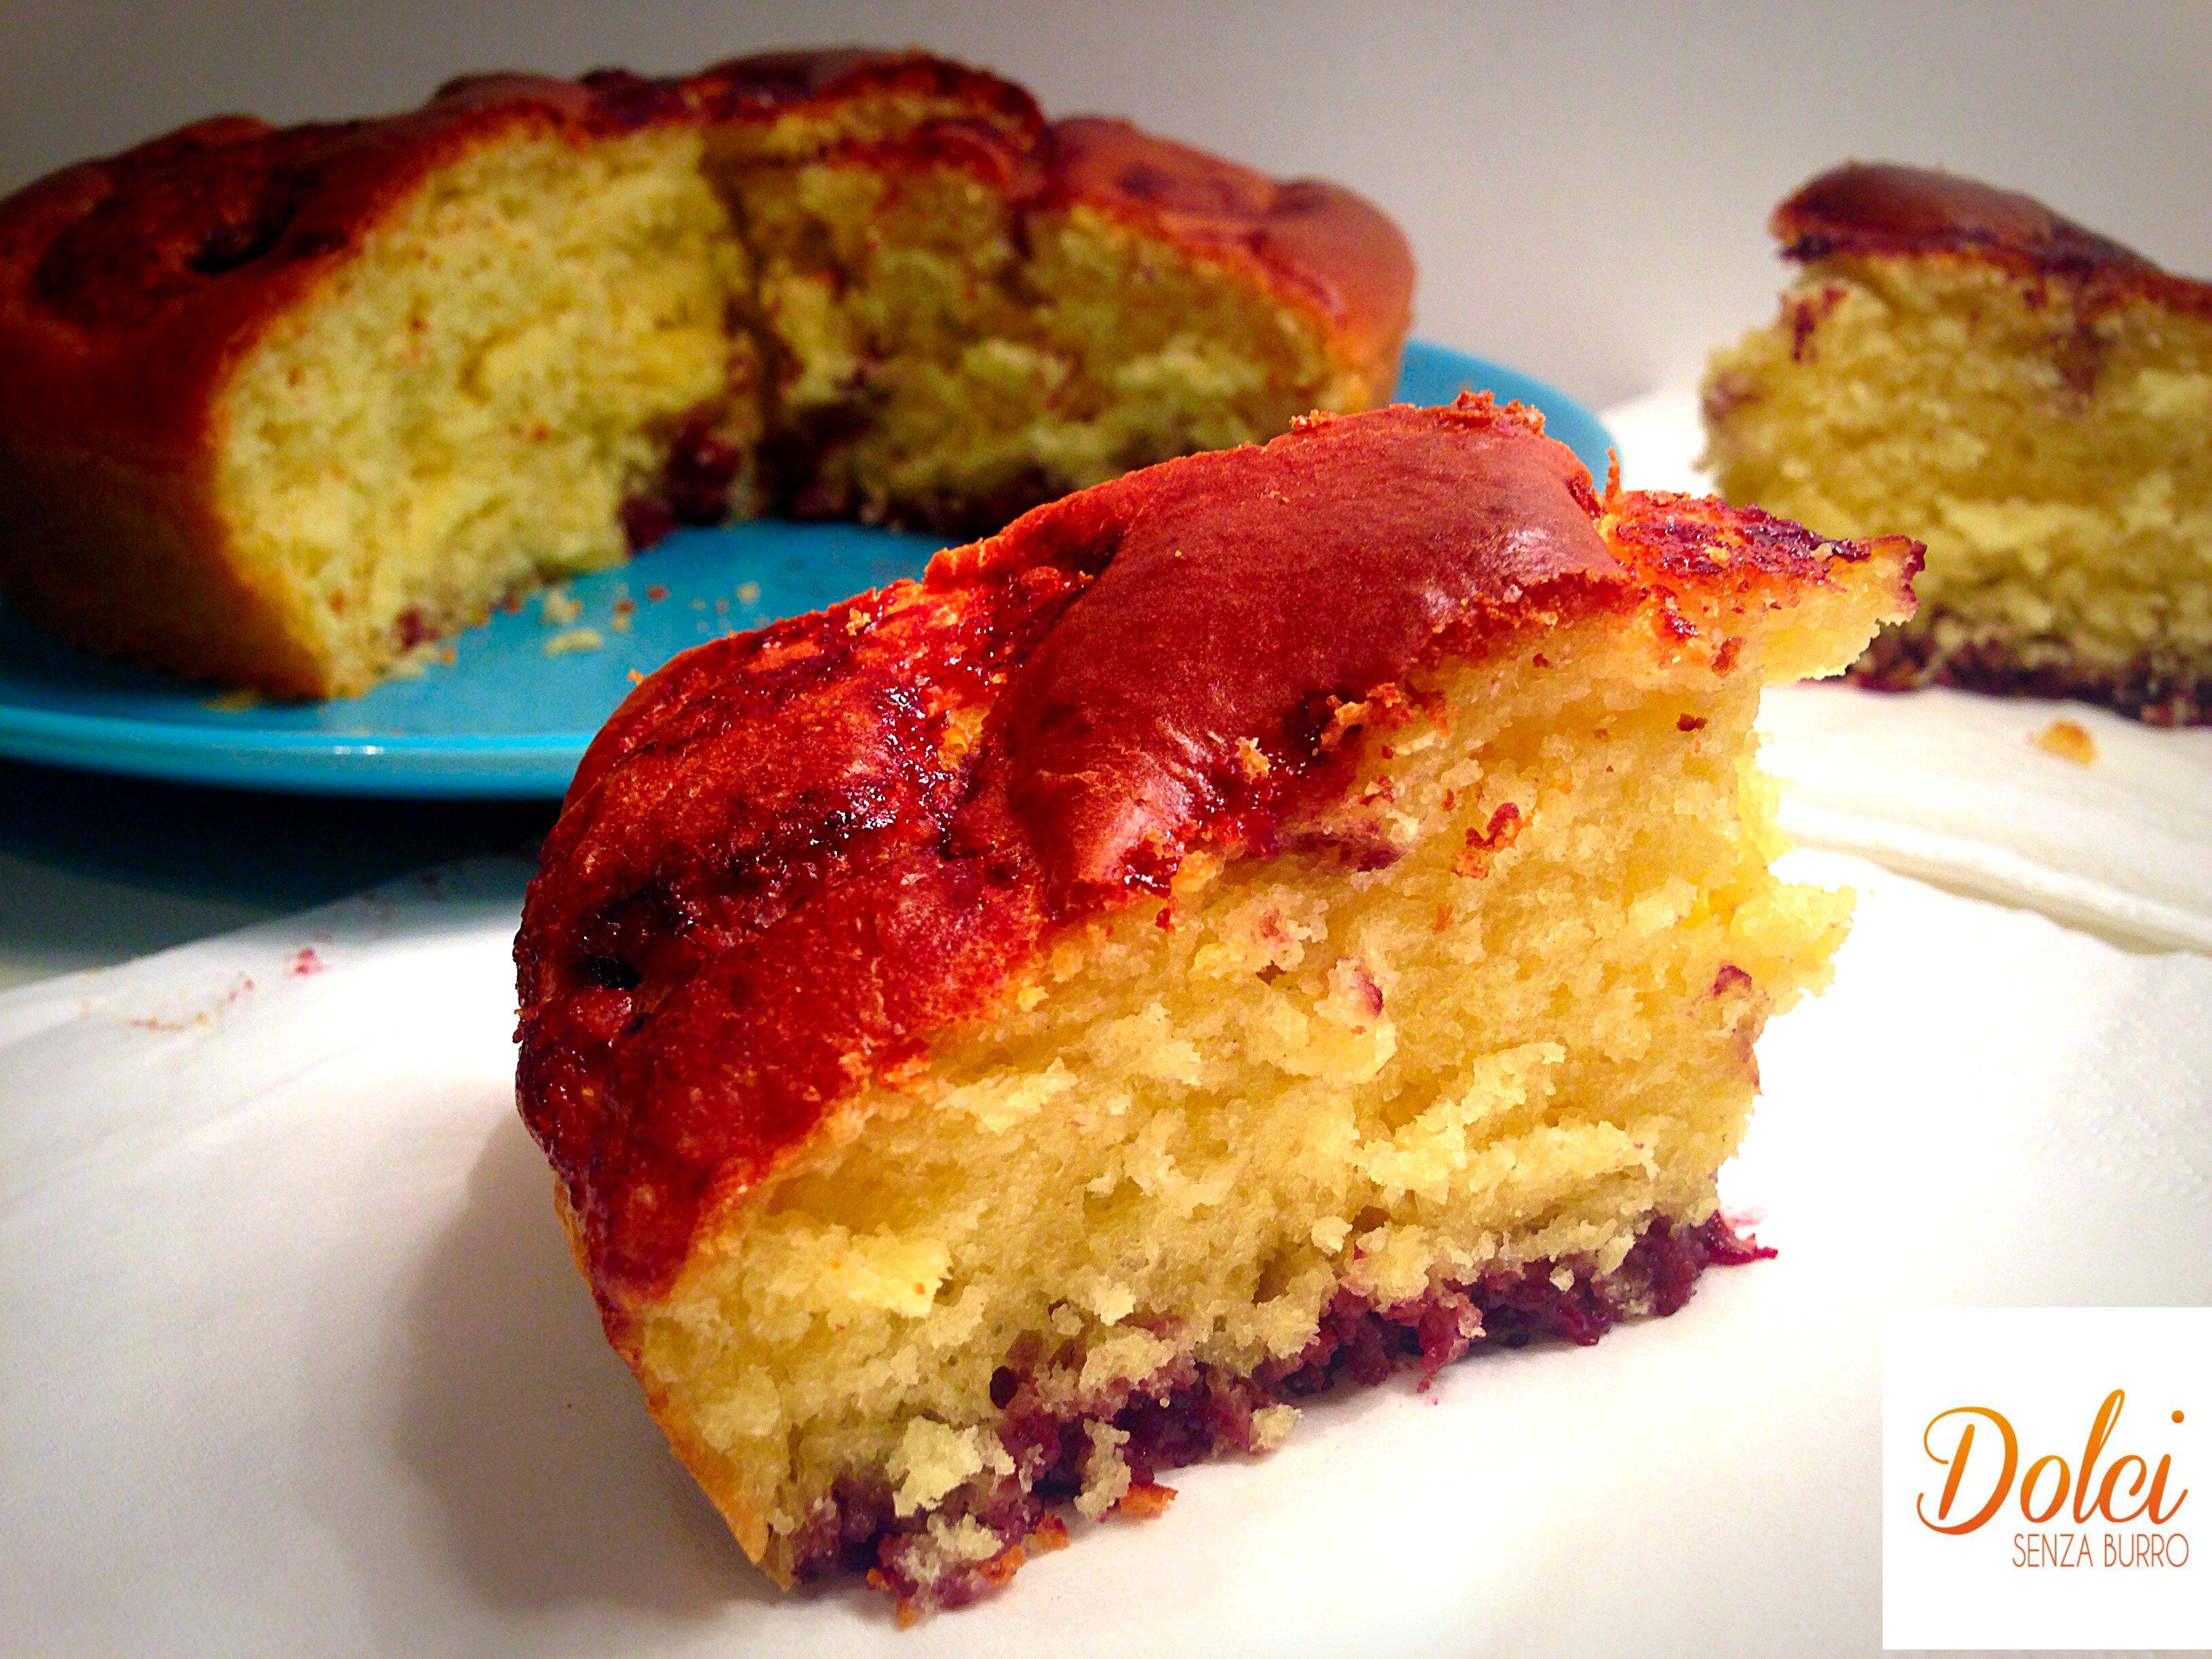 La Torta alla Marmellata Senza Burro, il dolce light e goloso di dolci senza burro